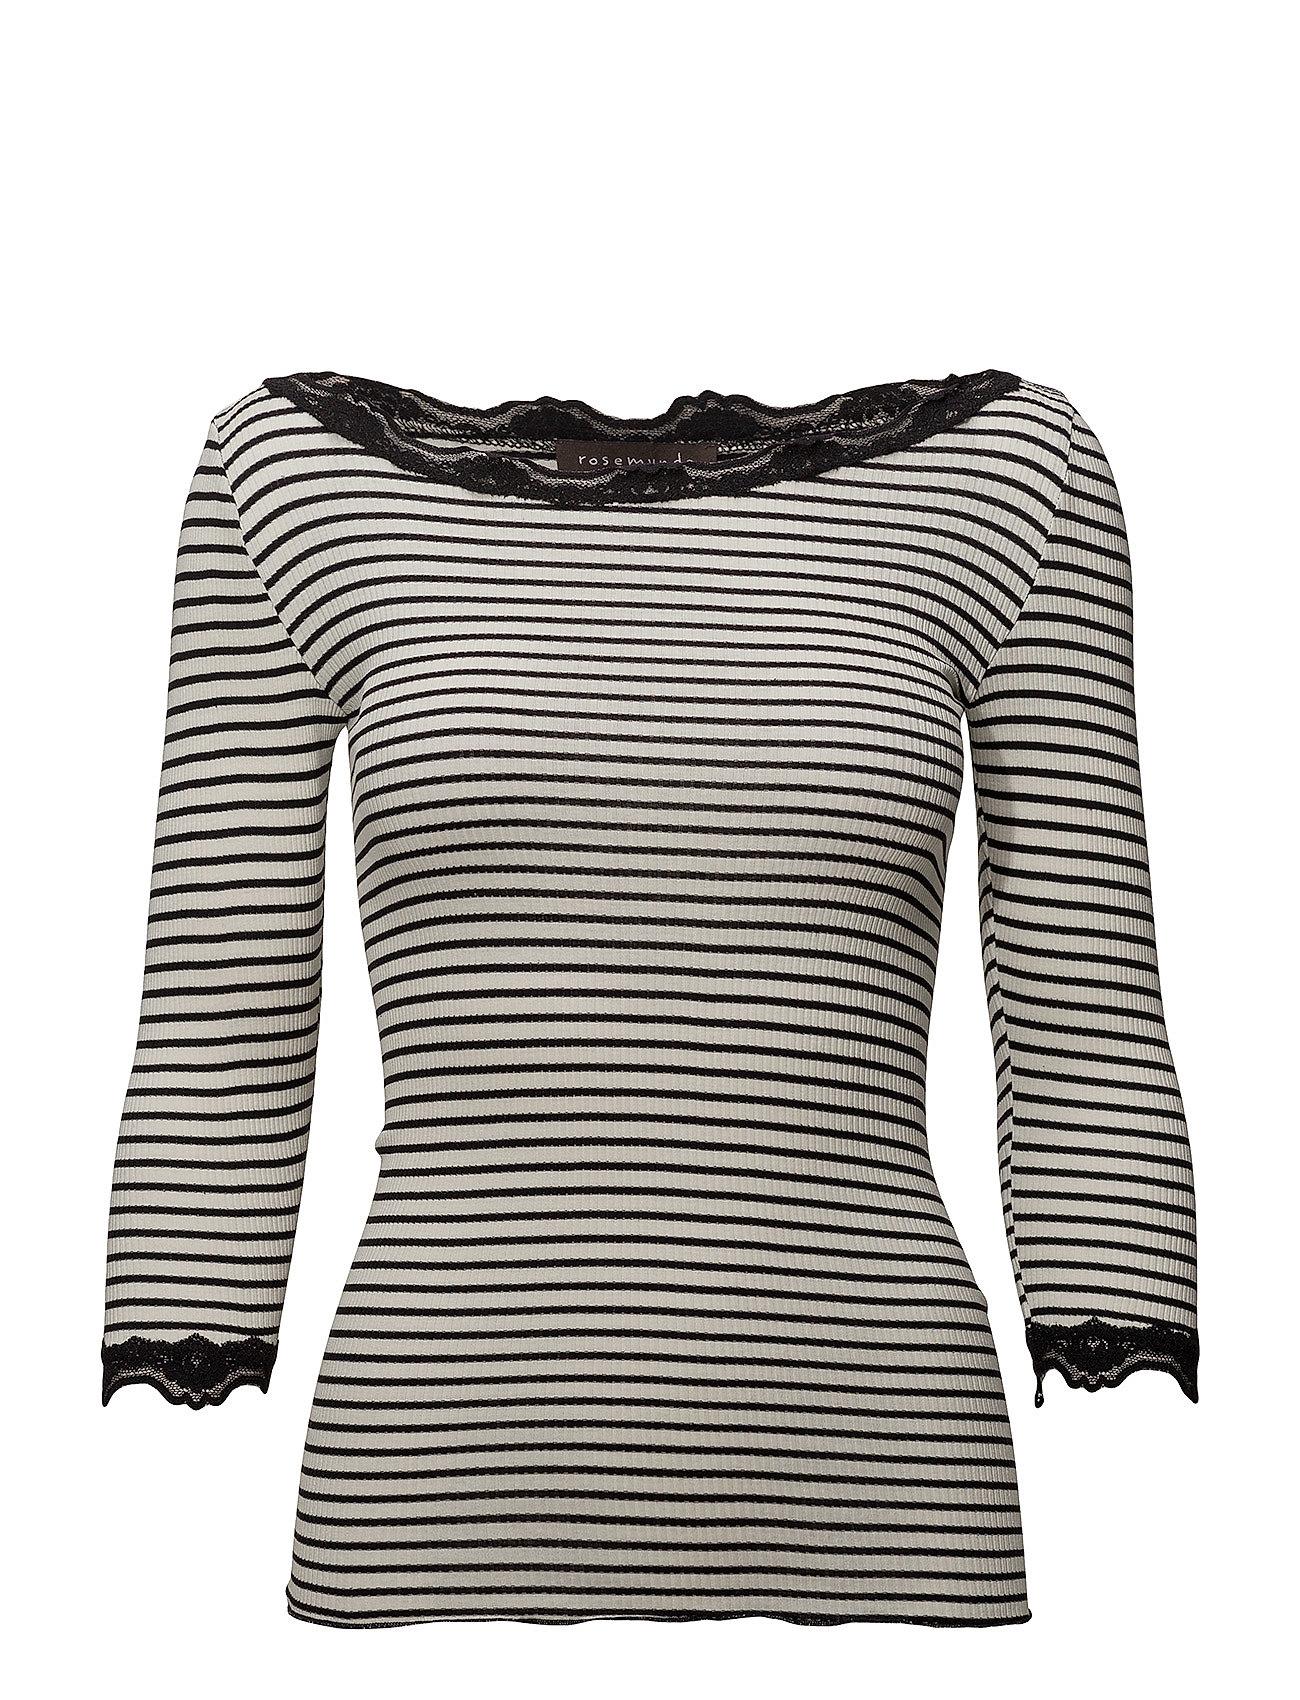 Rosemunde Silk t-shirt boat neck regular w/vi - IVORY BLACK STRIPE